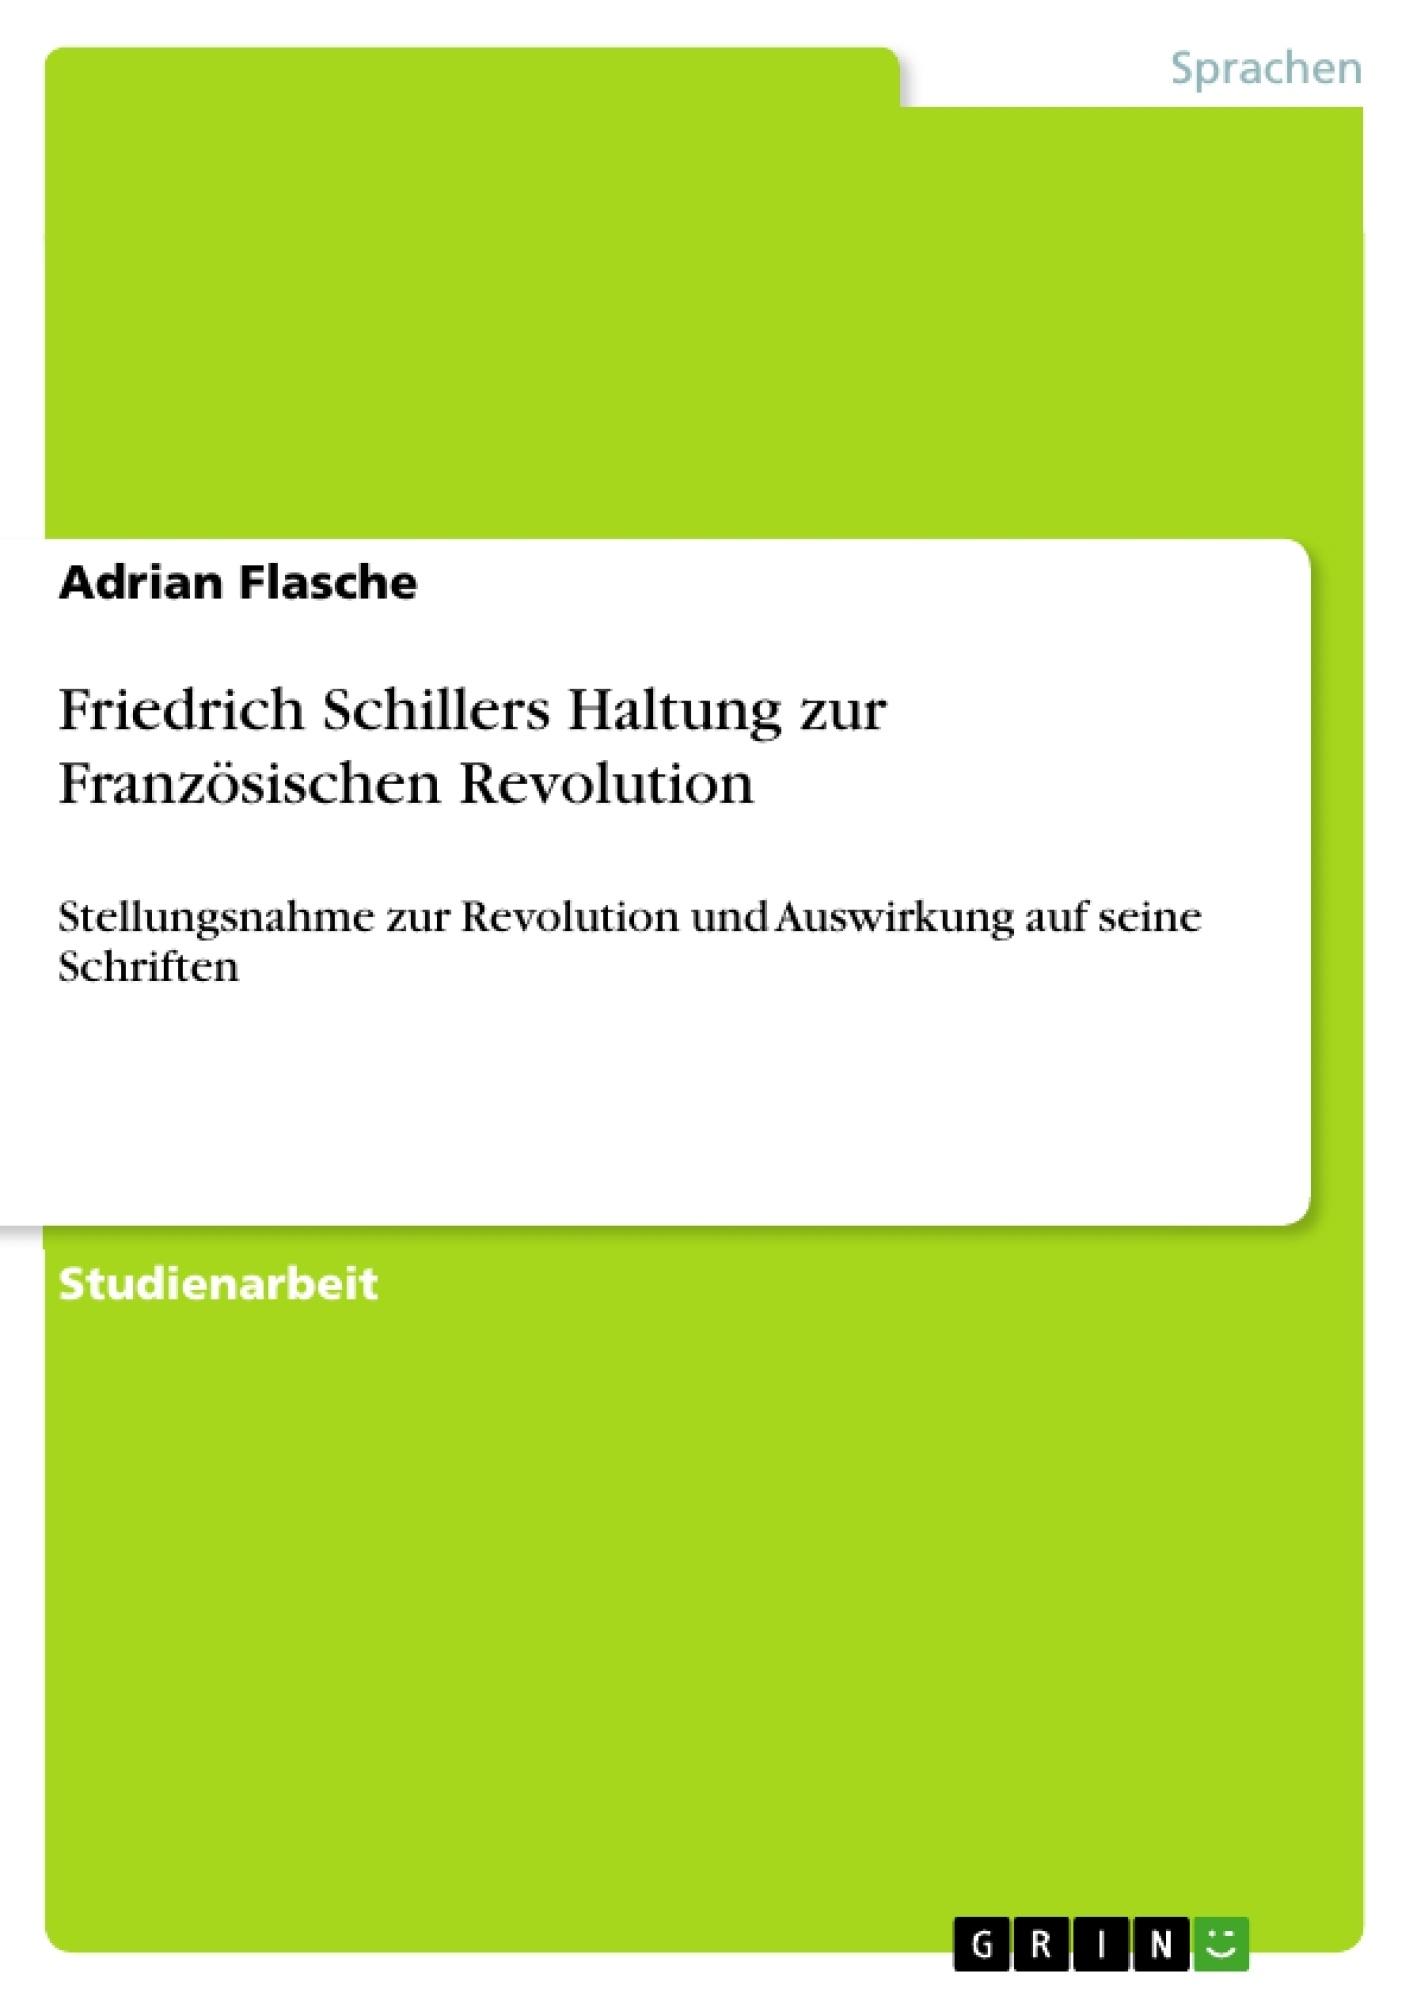 Titel: Friedrich Schillers Haltung zur Französischen Revolution